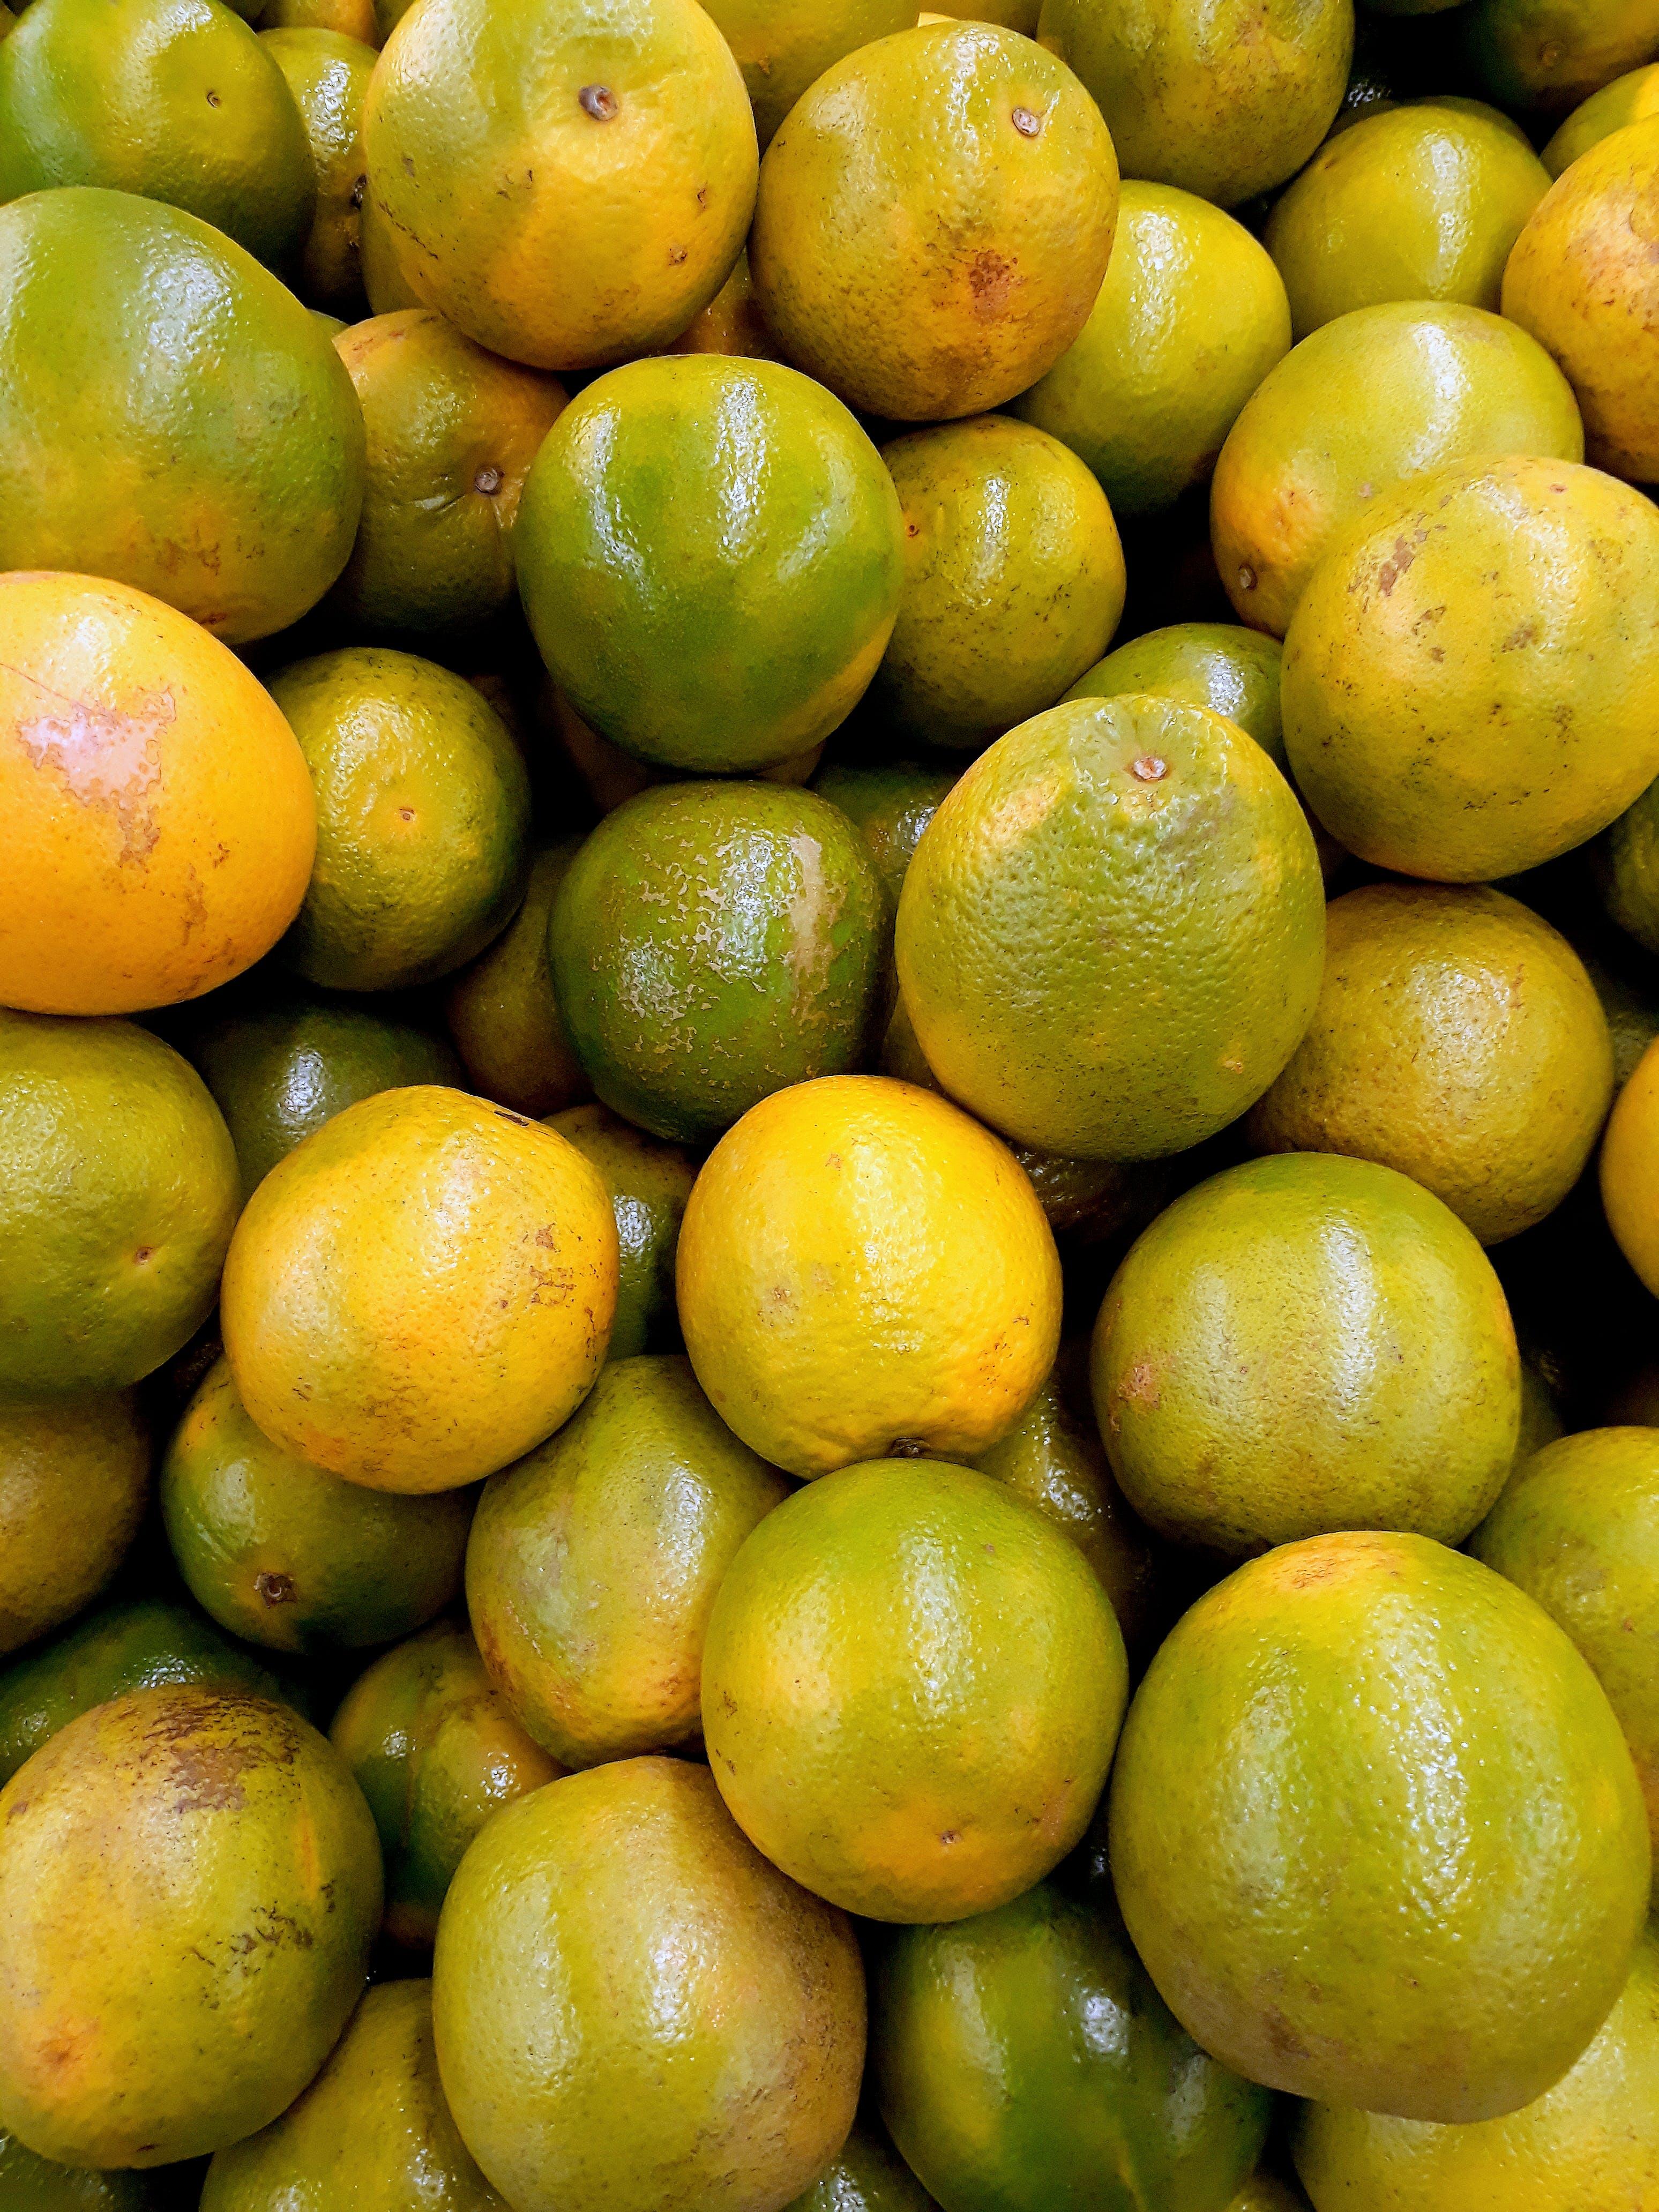 Immagine gratuita di abbondanza, agrumi, arance, freschezza